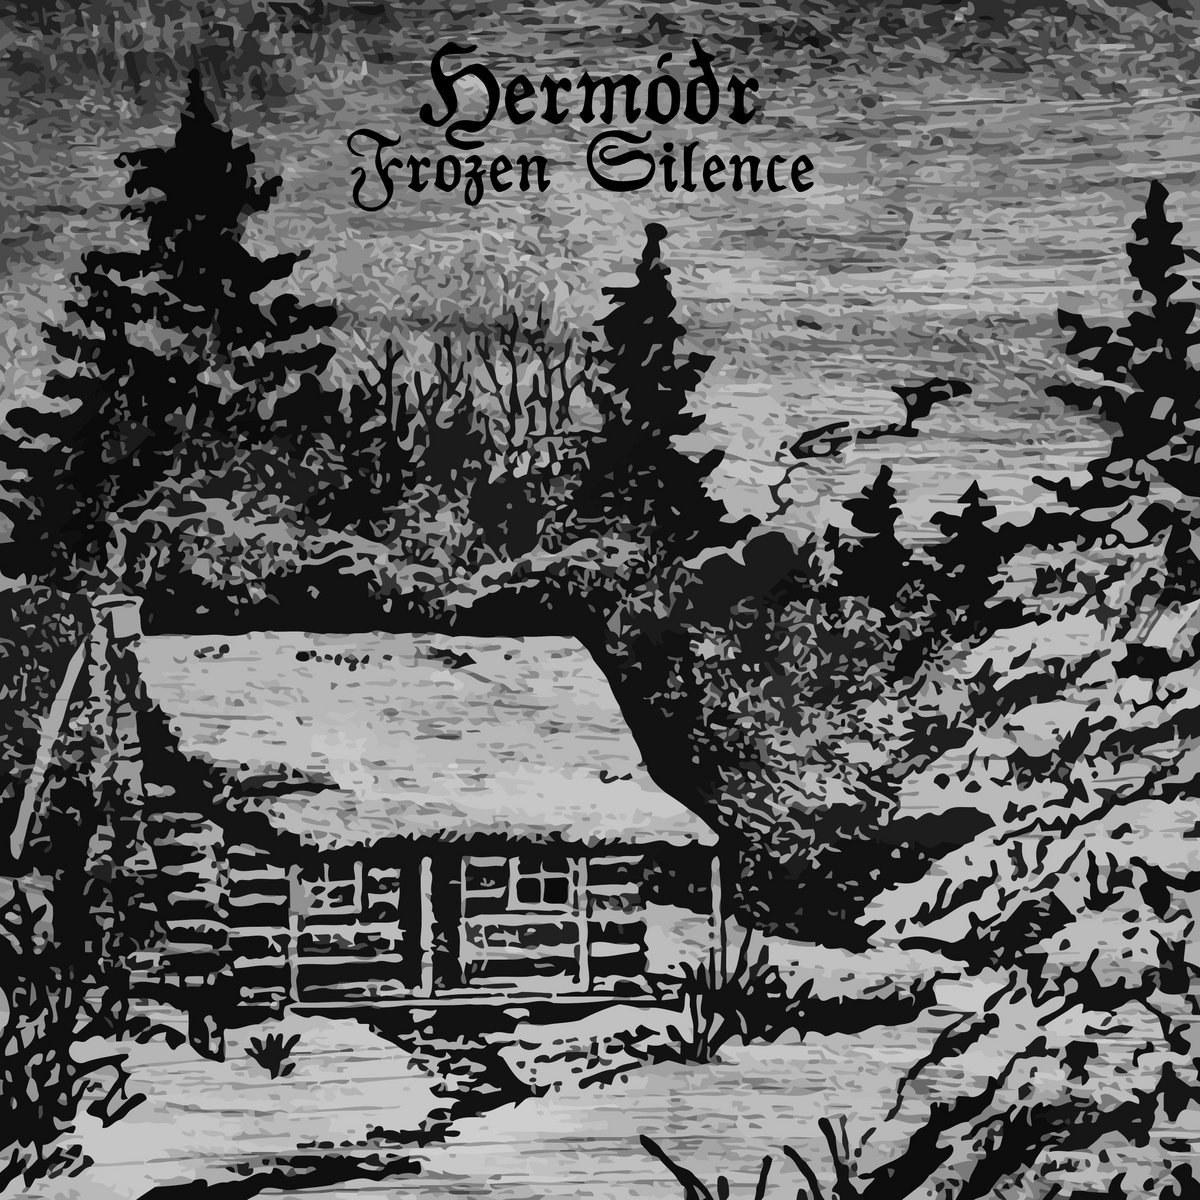 Hermóðr - Frozen Silence